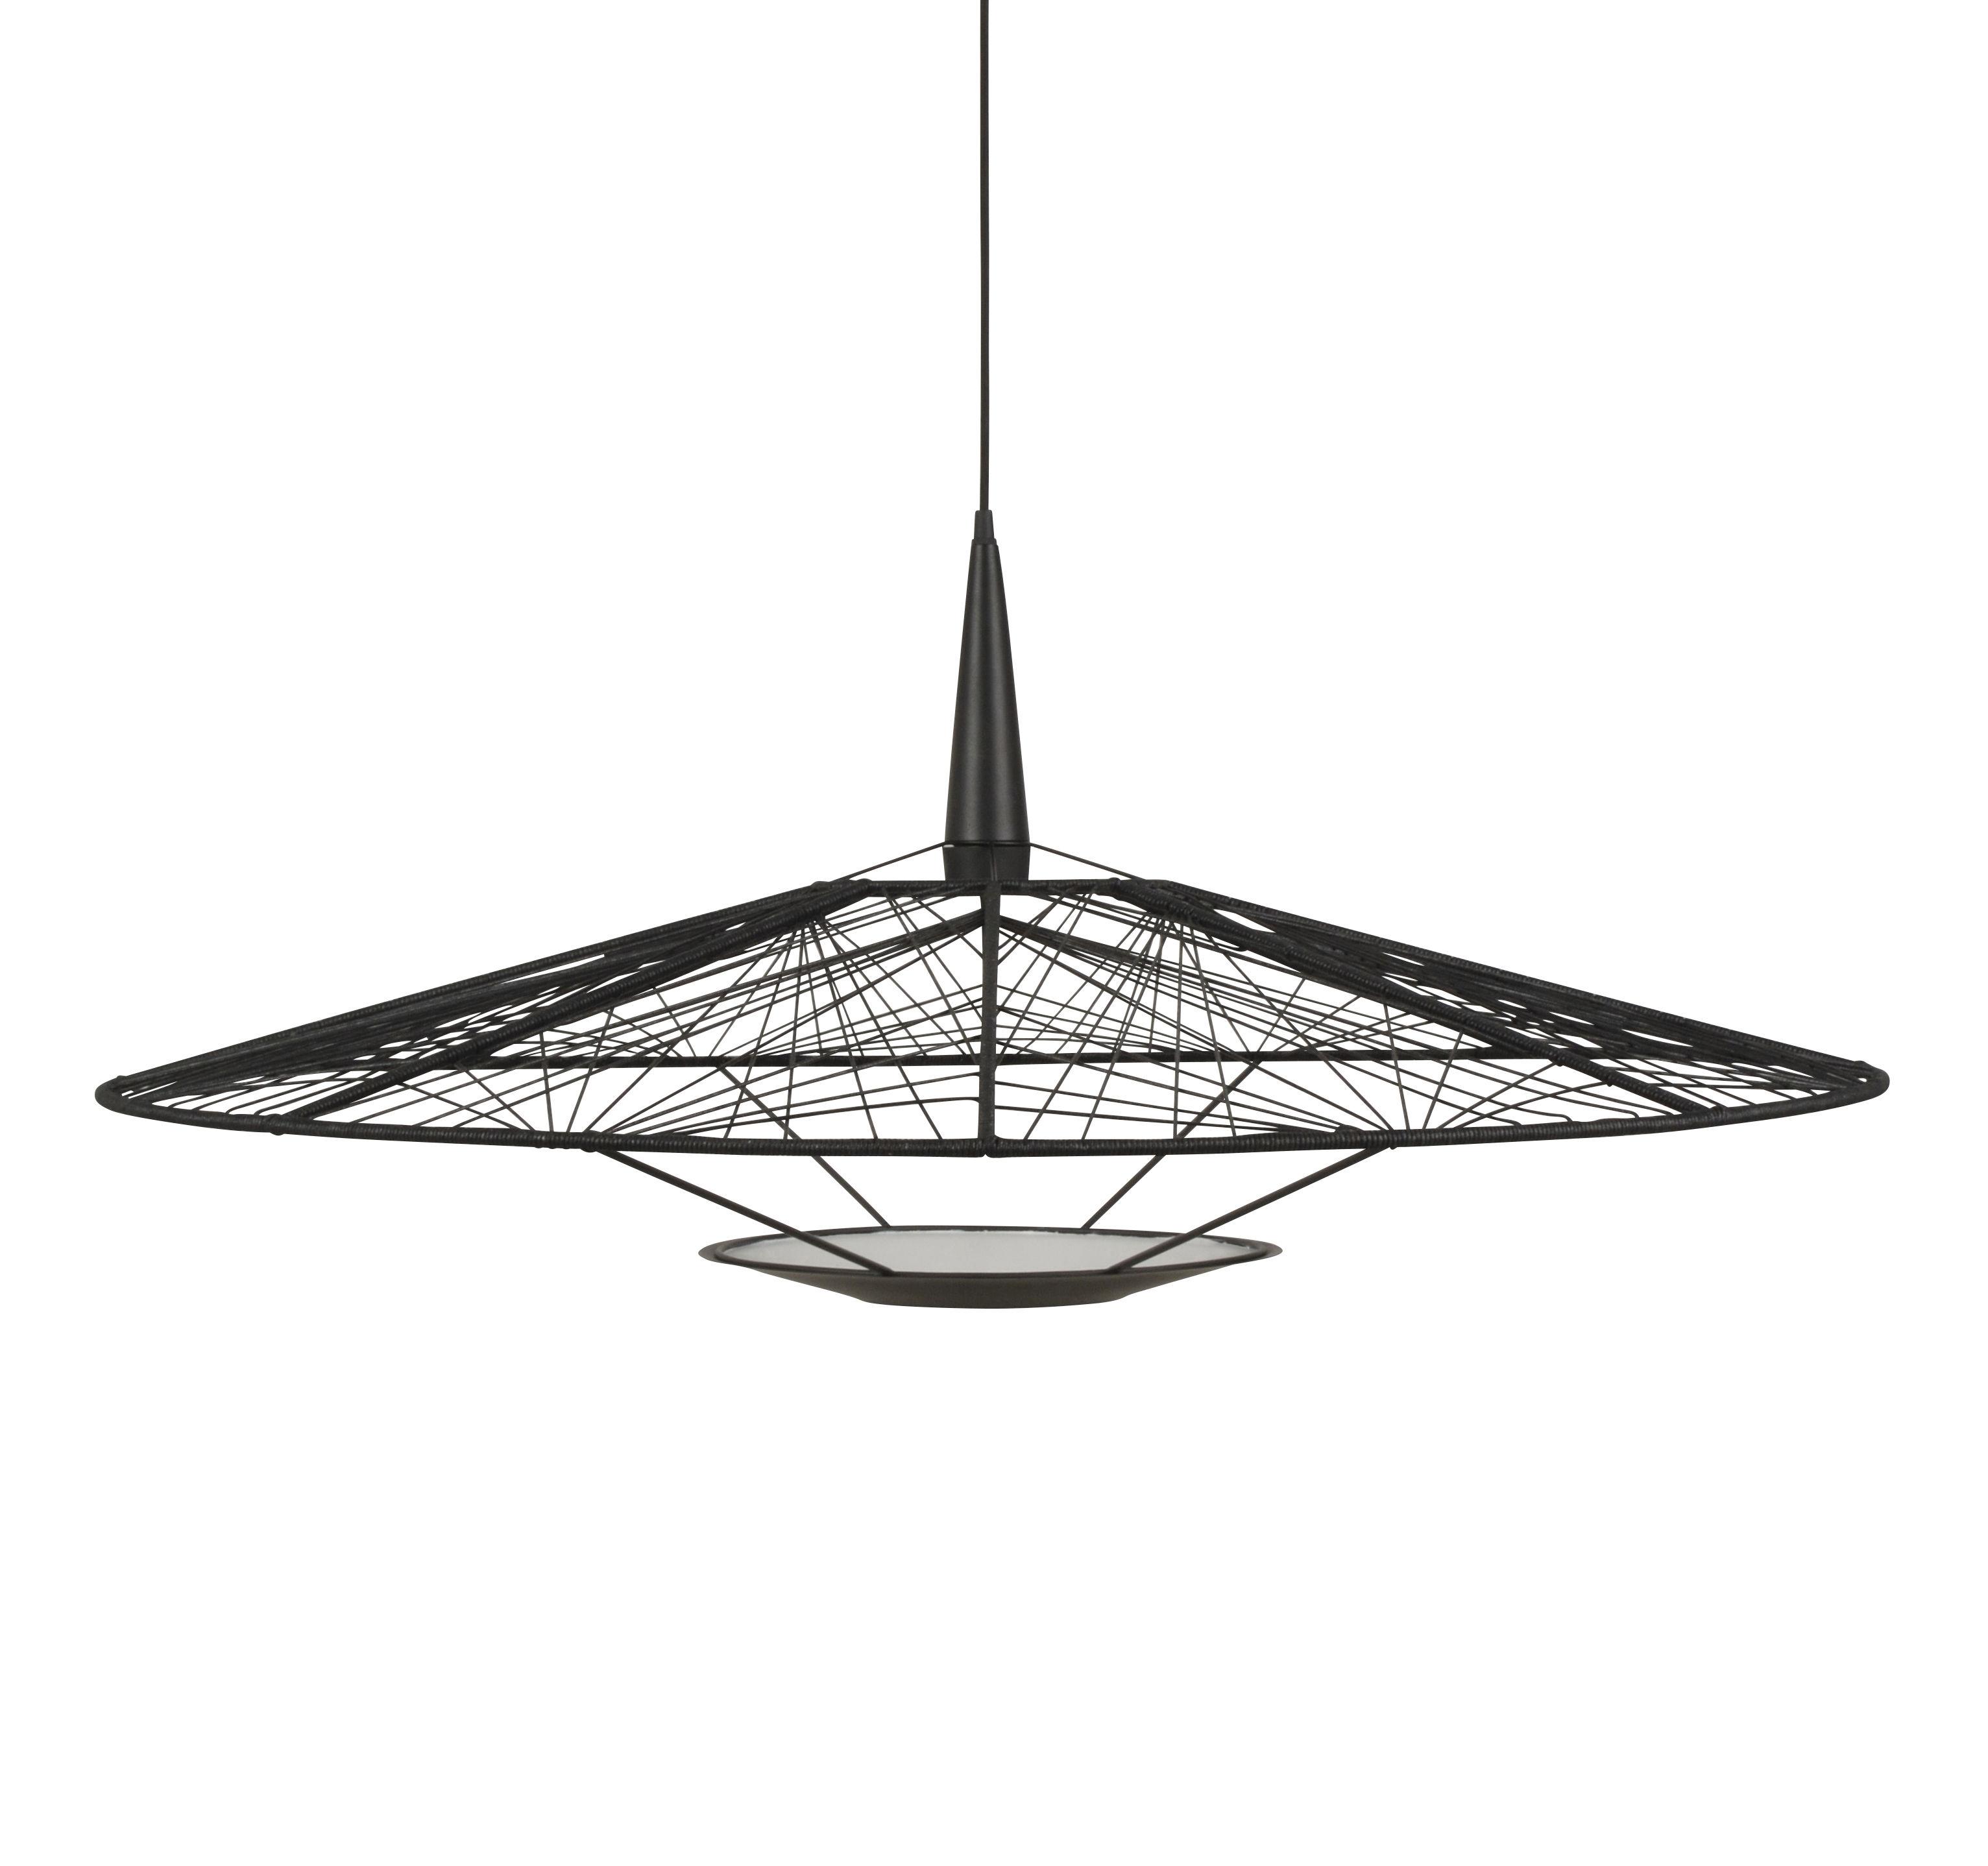 Illuminazione - Lampadari - Sospensione Carpa Large - / Ø 100 cm - Fili di cotone di Forestier - Ø 100 cm cm / Nero - Acciaio laccato, Fils en coton